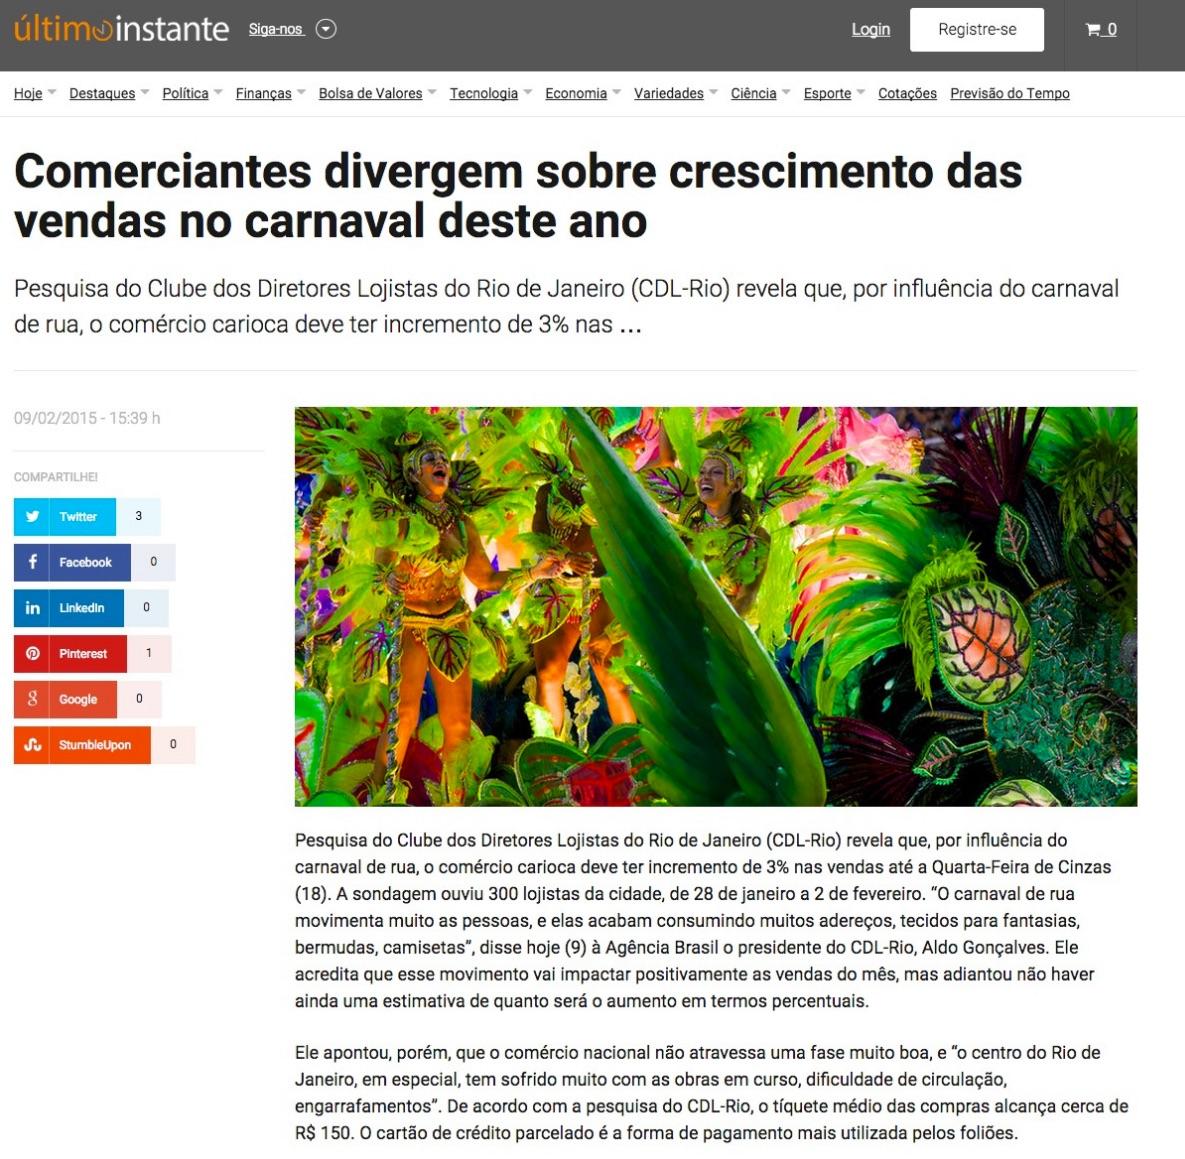 http://www.ultimoinstante.com.br/ultimas-noticias/economia/comerciantes-divergem-sobre-crescimento-das-vendas-no-carnaval-deste-ano/62147/#axzz3V3ttxRx8